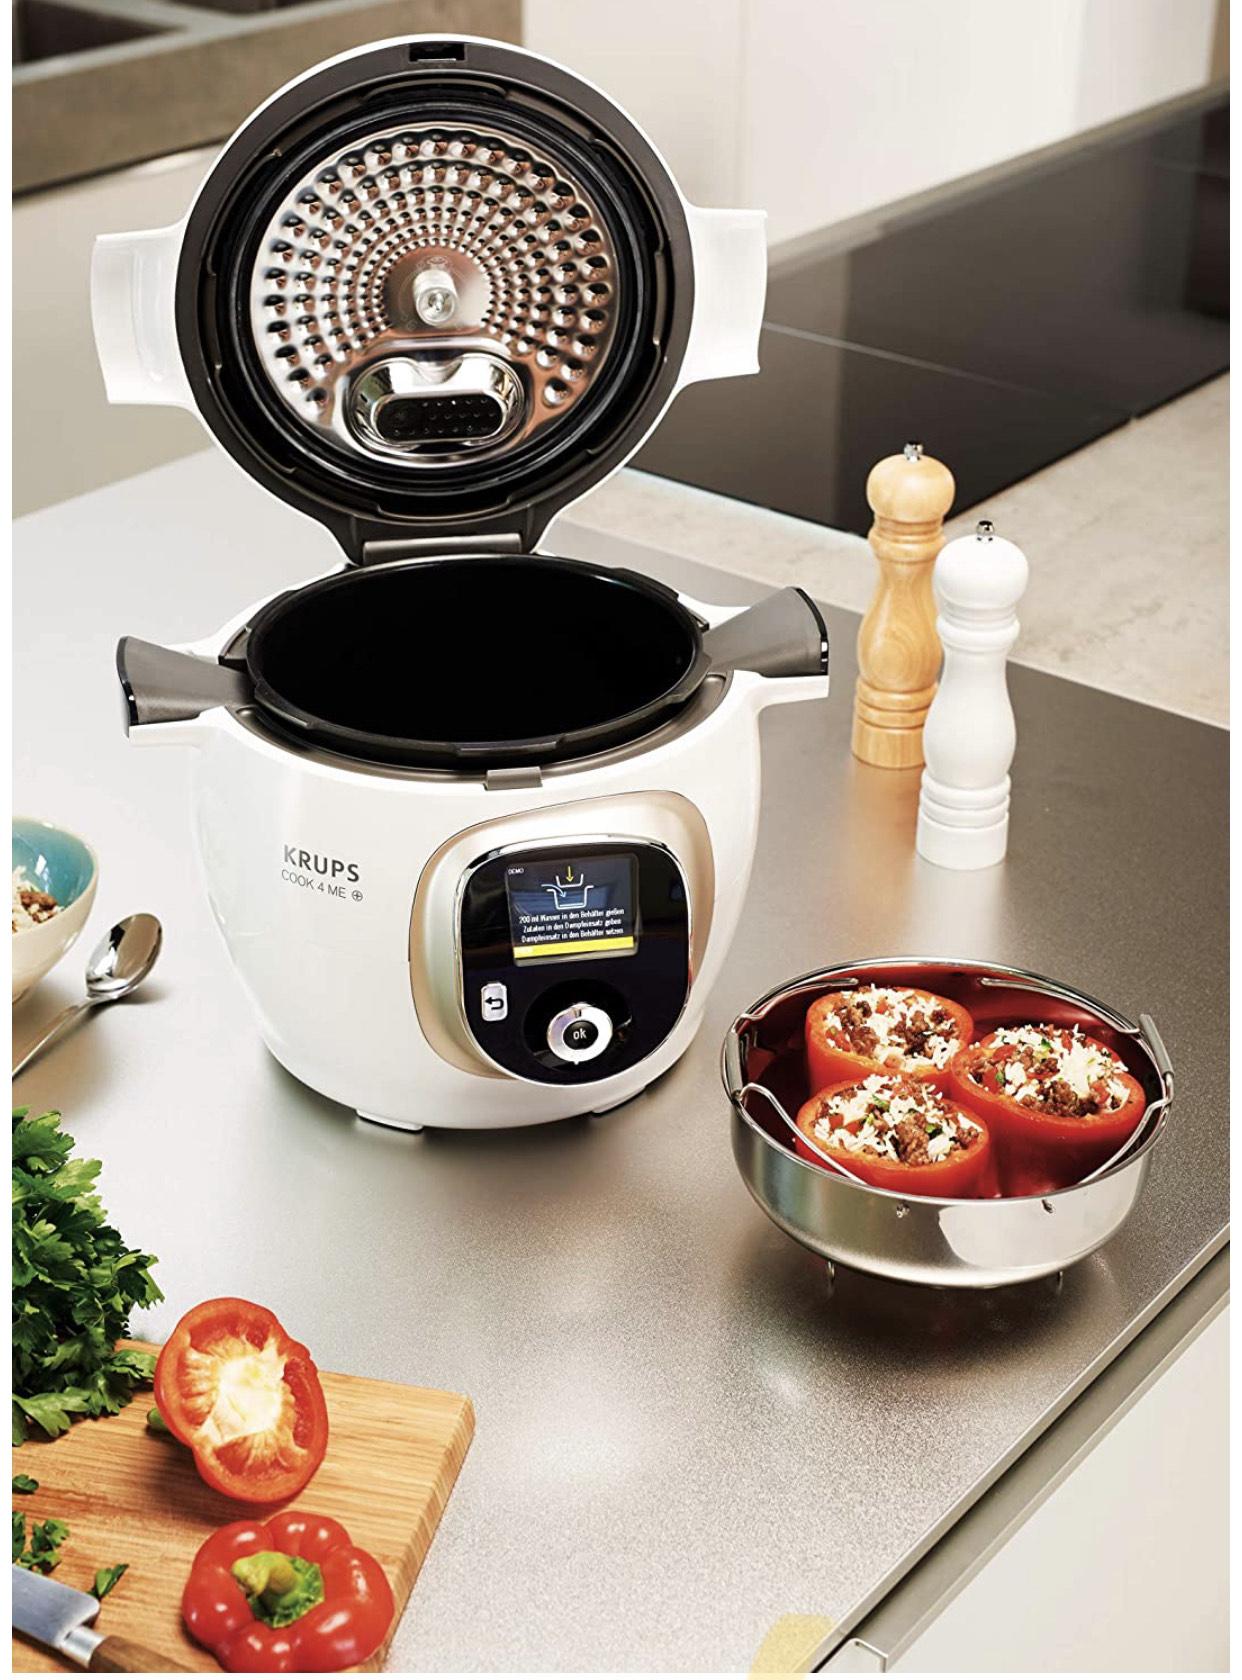 Krups CZ7101 Cook4Me+ Multikocher (1600 Watt, Schnellkochtopf, Rezeptbuch, Garen unter Druck, 6 Liter Fassungsvermögen)